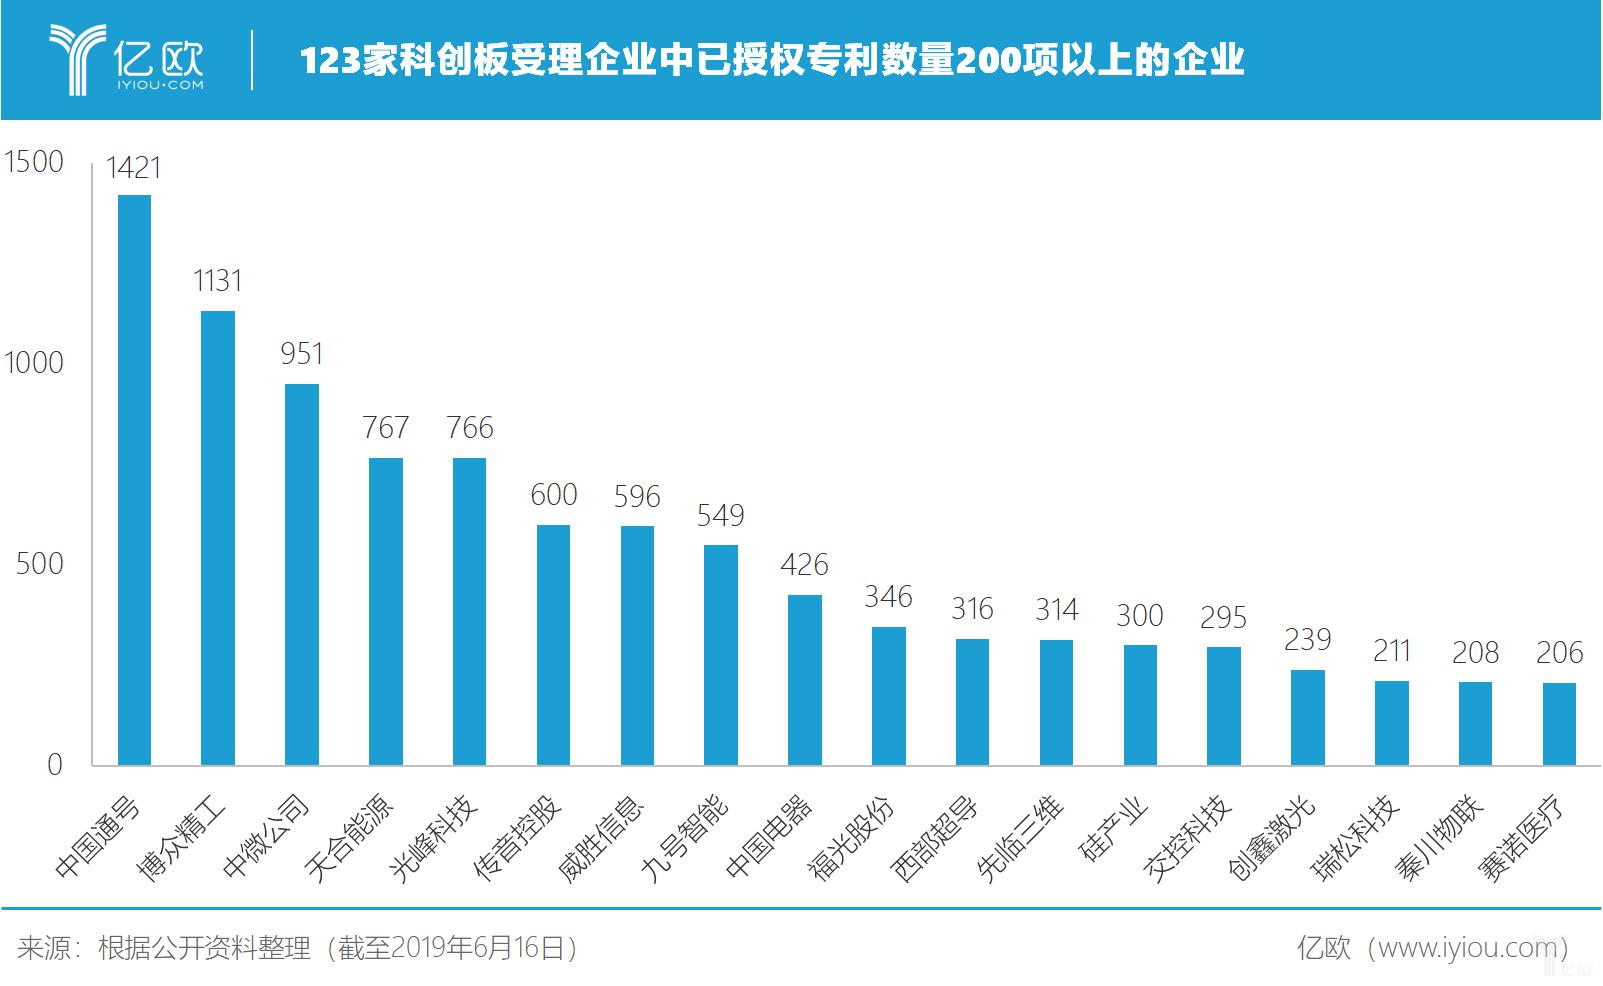 盘点123家已受理企业,谁将会是科创板潜力企业